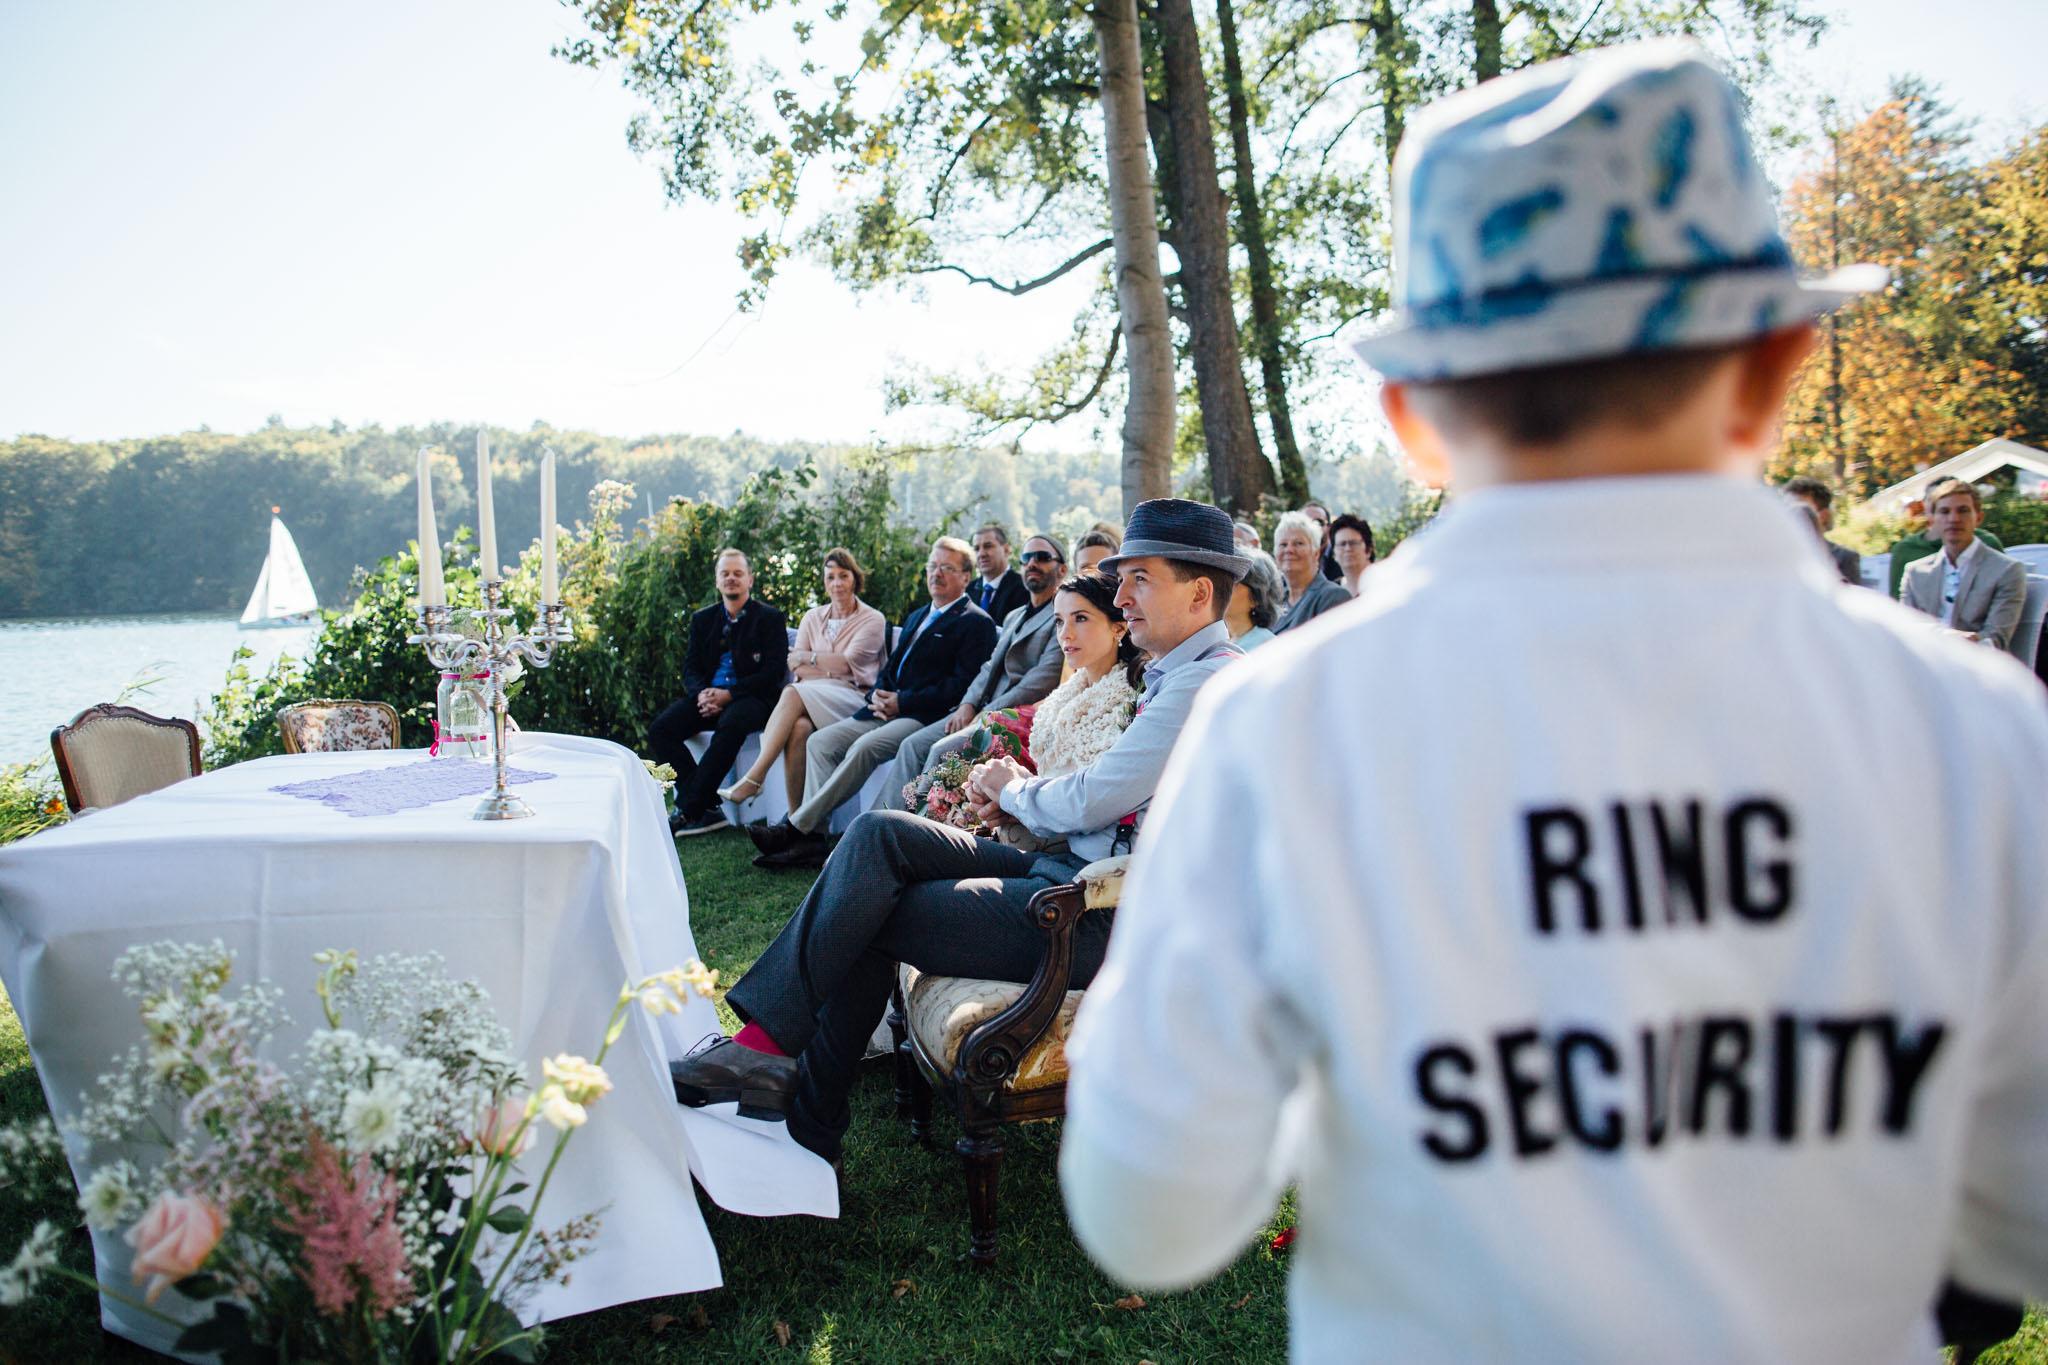 heiraten-ring-security-hochzeit-feier